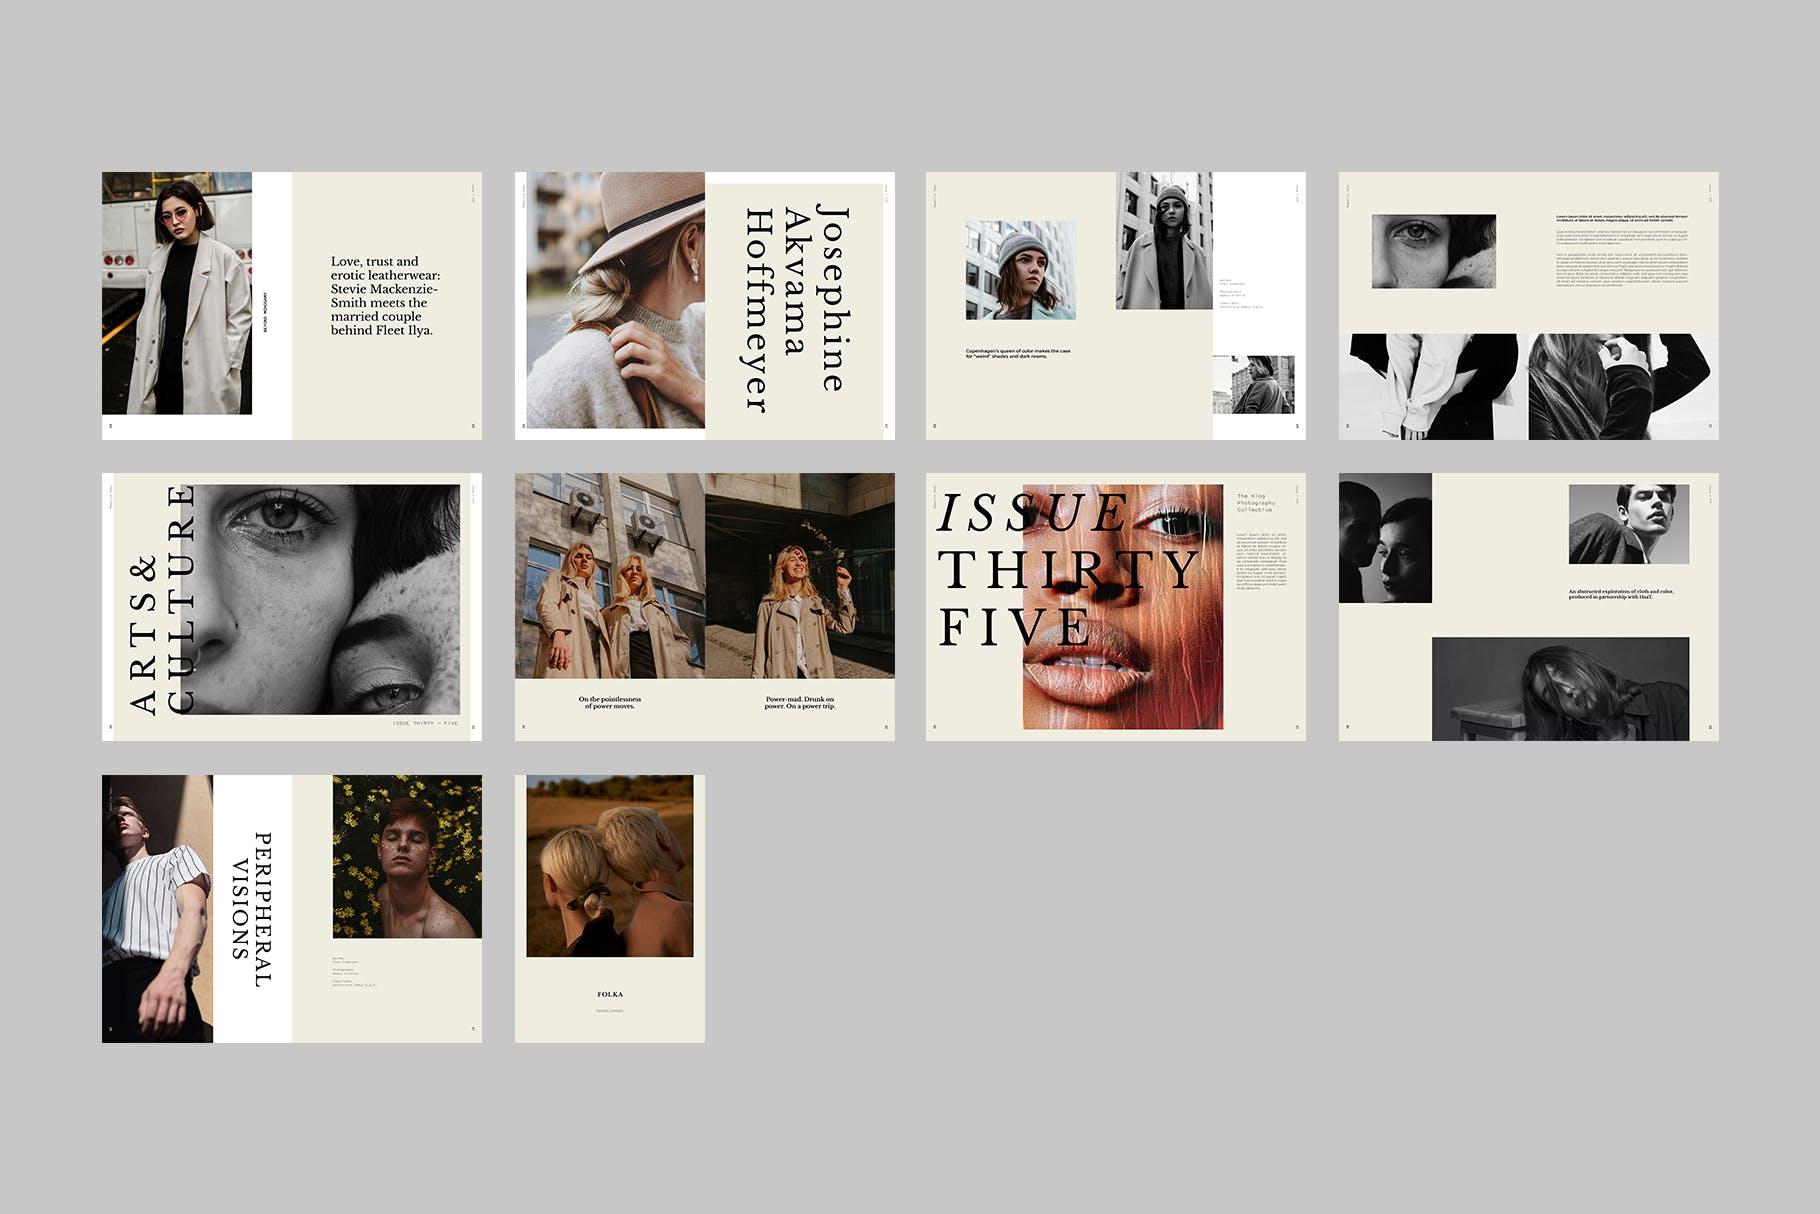 时尚摄影作品集宣传画册设计INDD模板 Photography Portfolio Brochure Template插图(7)